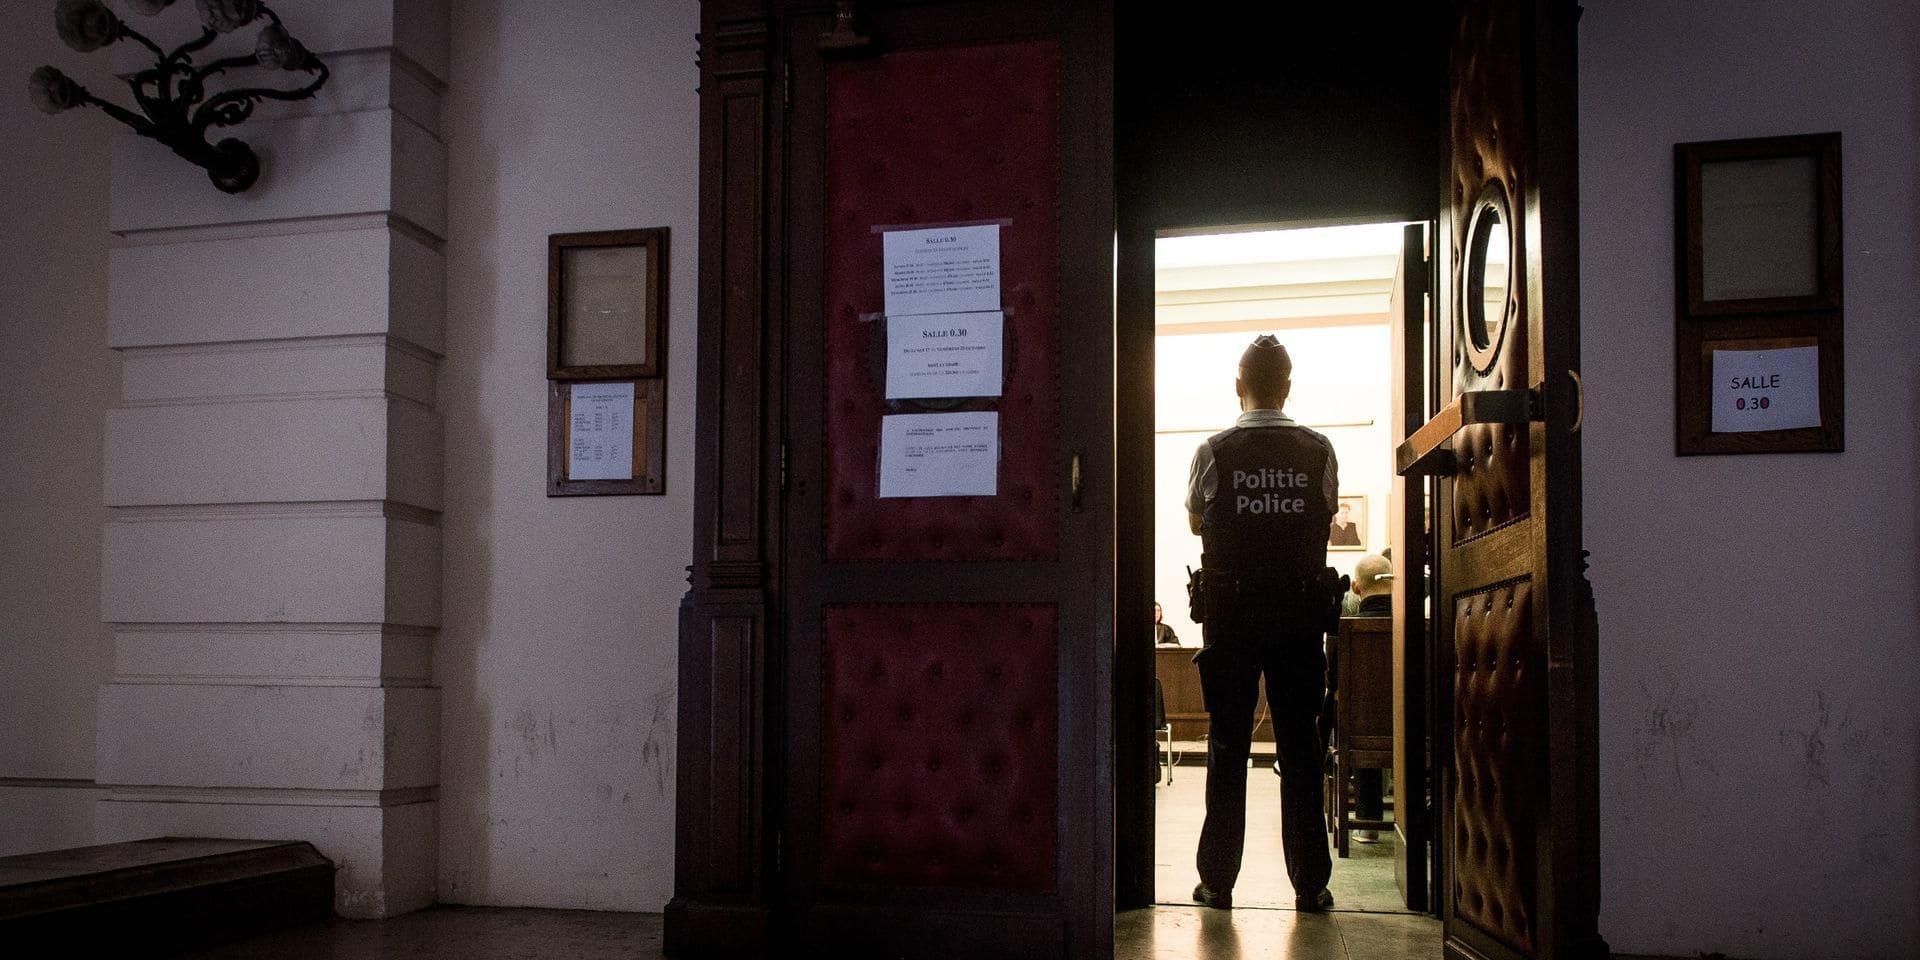 Plus de 700 condamnations pour des infractions Covid au tribunal de police de Bruxelles